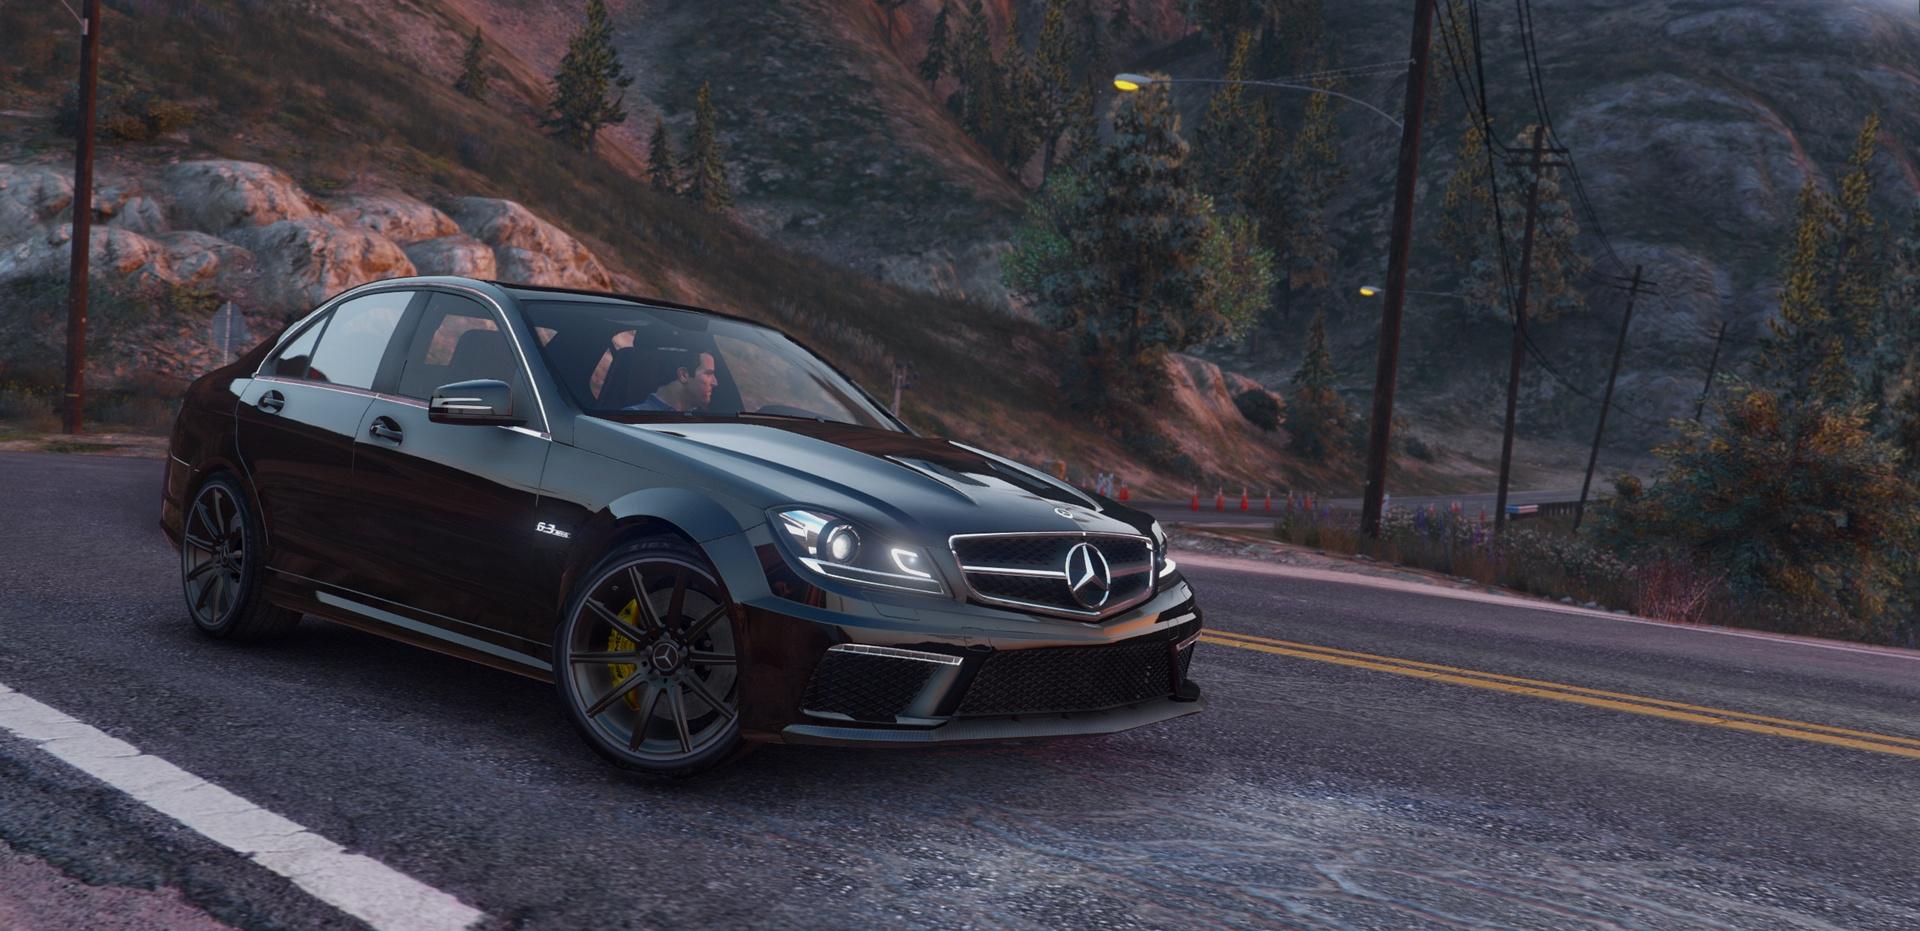 Mercedes benz c63 amg gta5 for Mercedes benz c 63